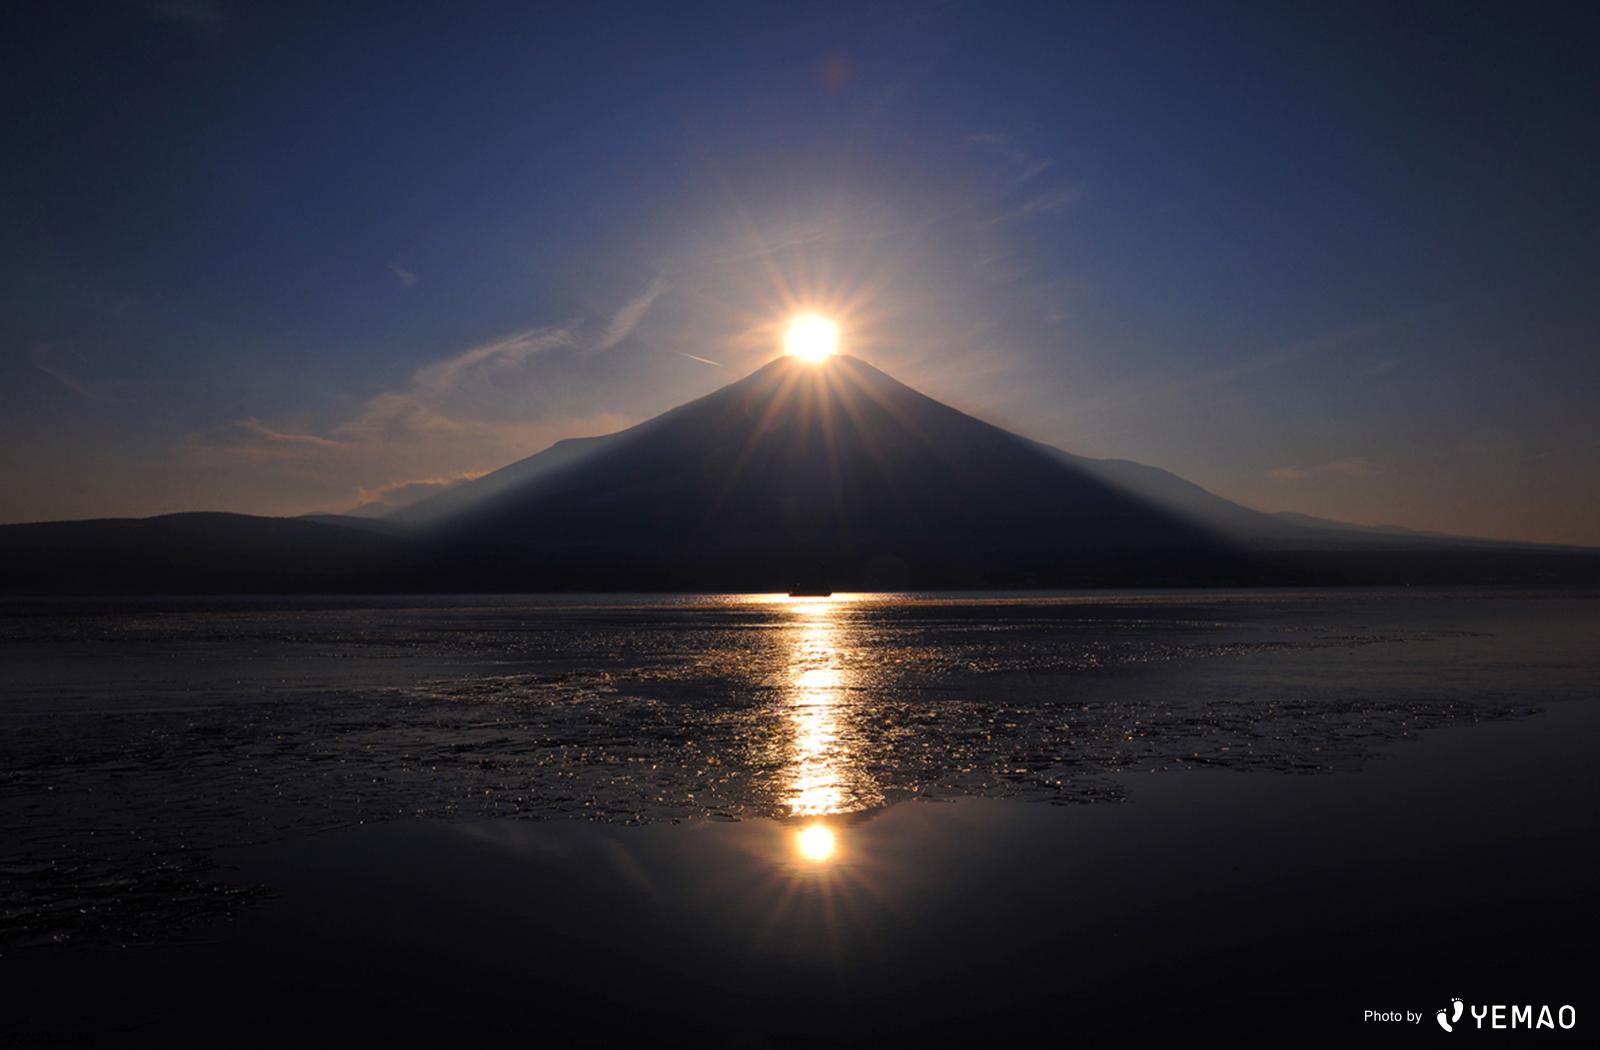 壁紙プレゼント 富士山の絶景写真12選 Starthome